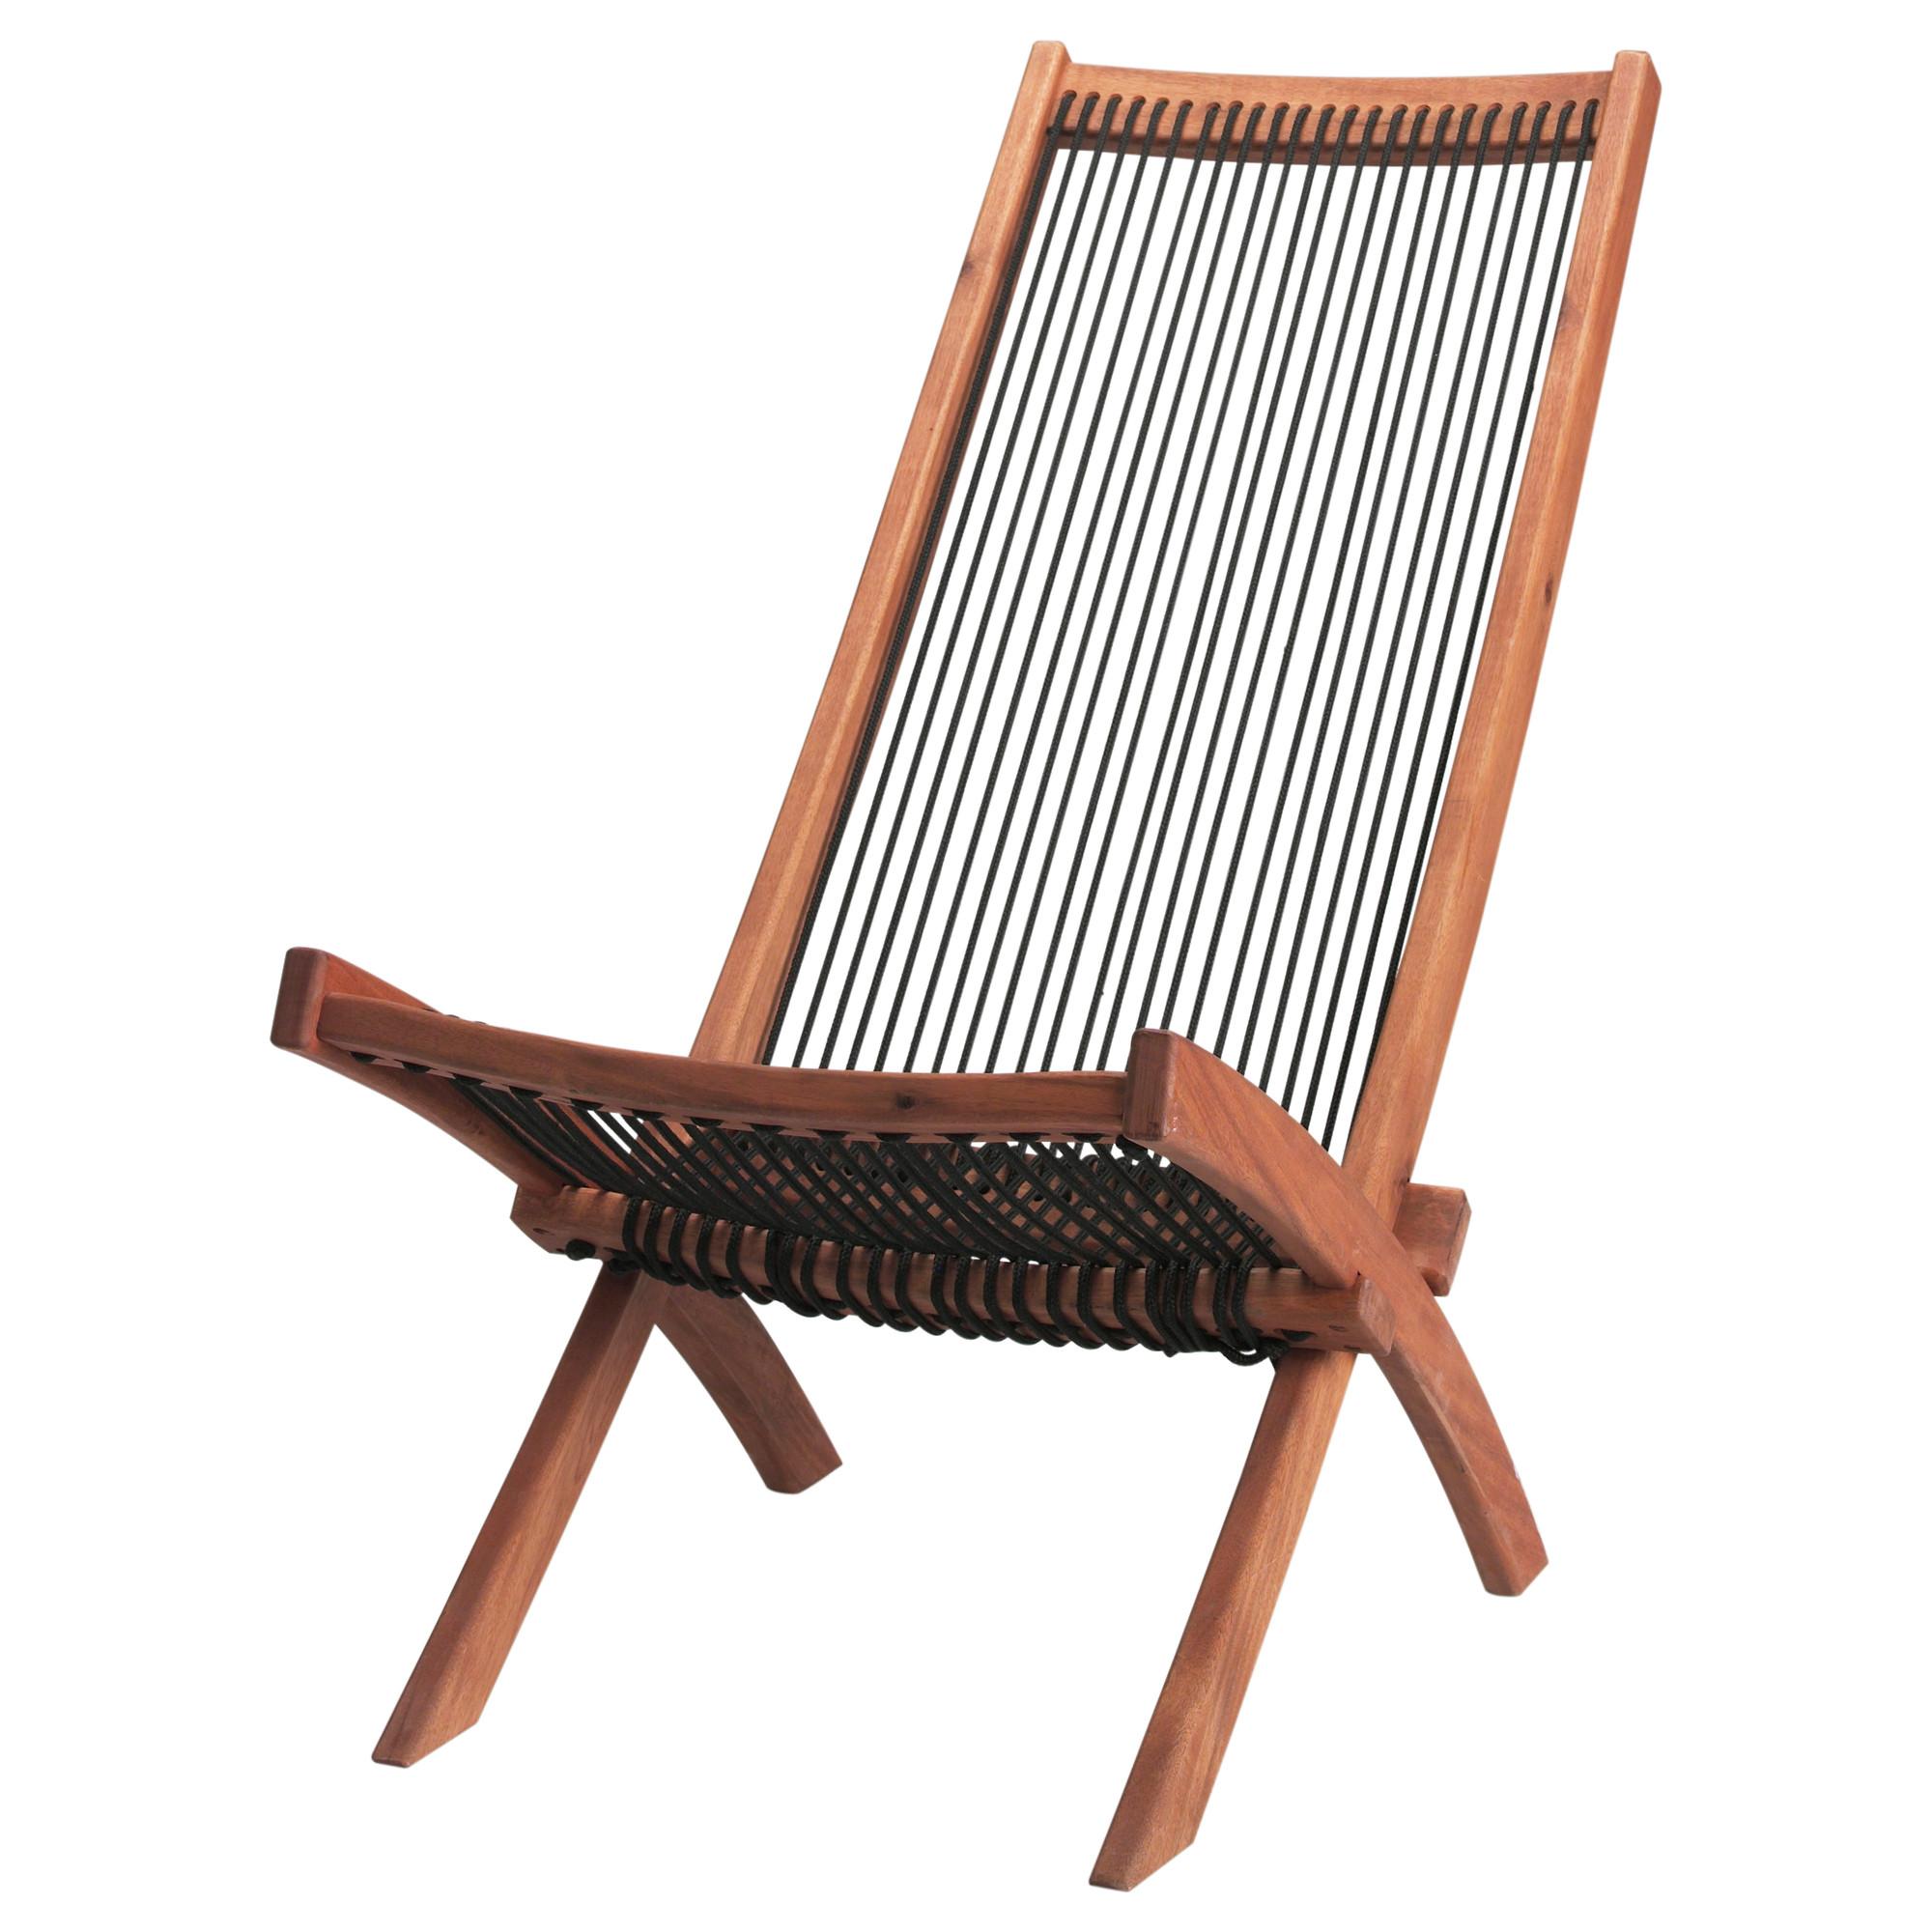 BrommÖ Chaise Lounge Ikea